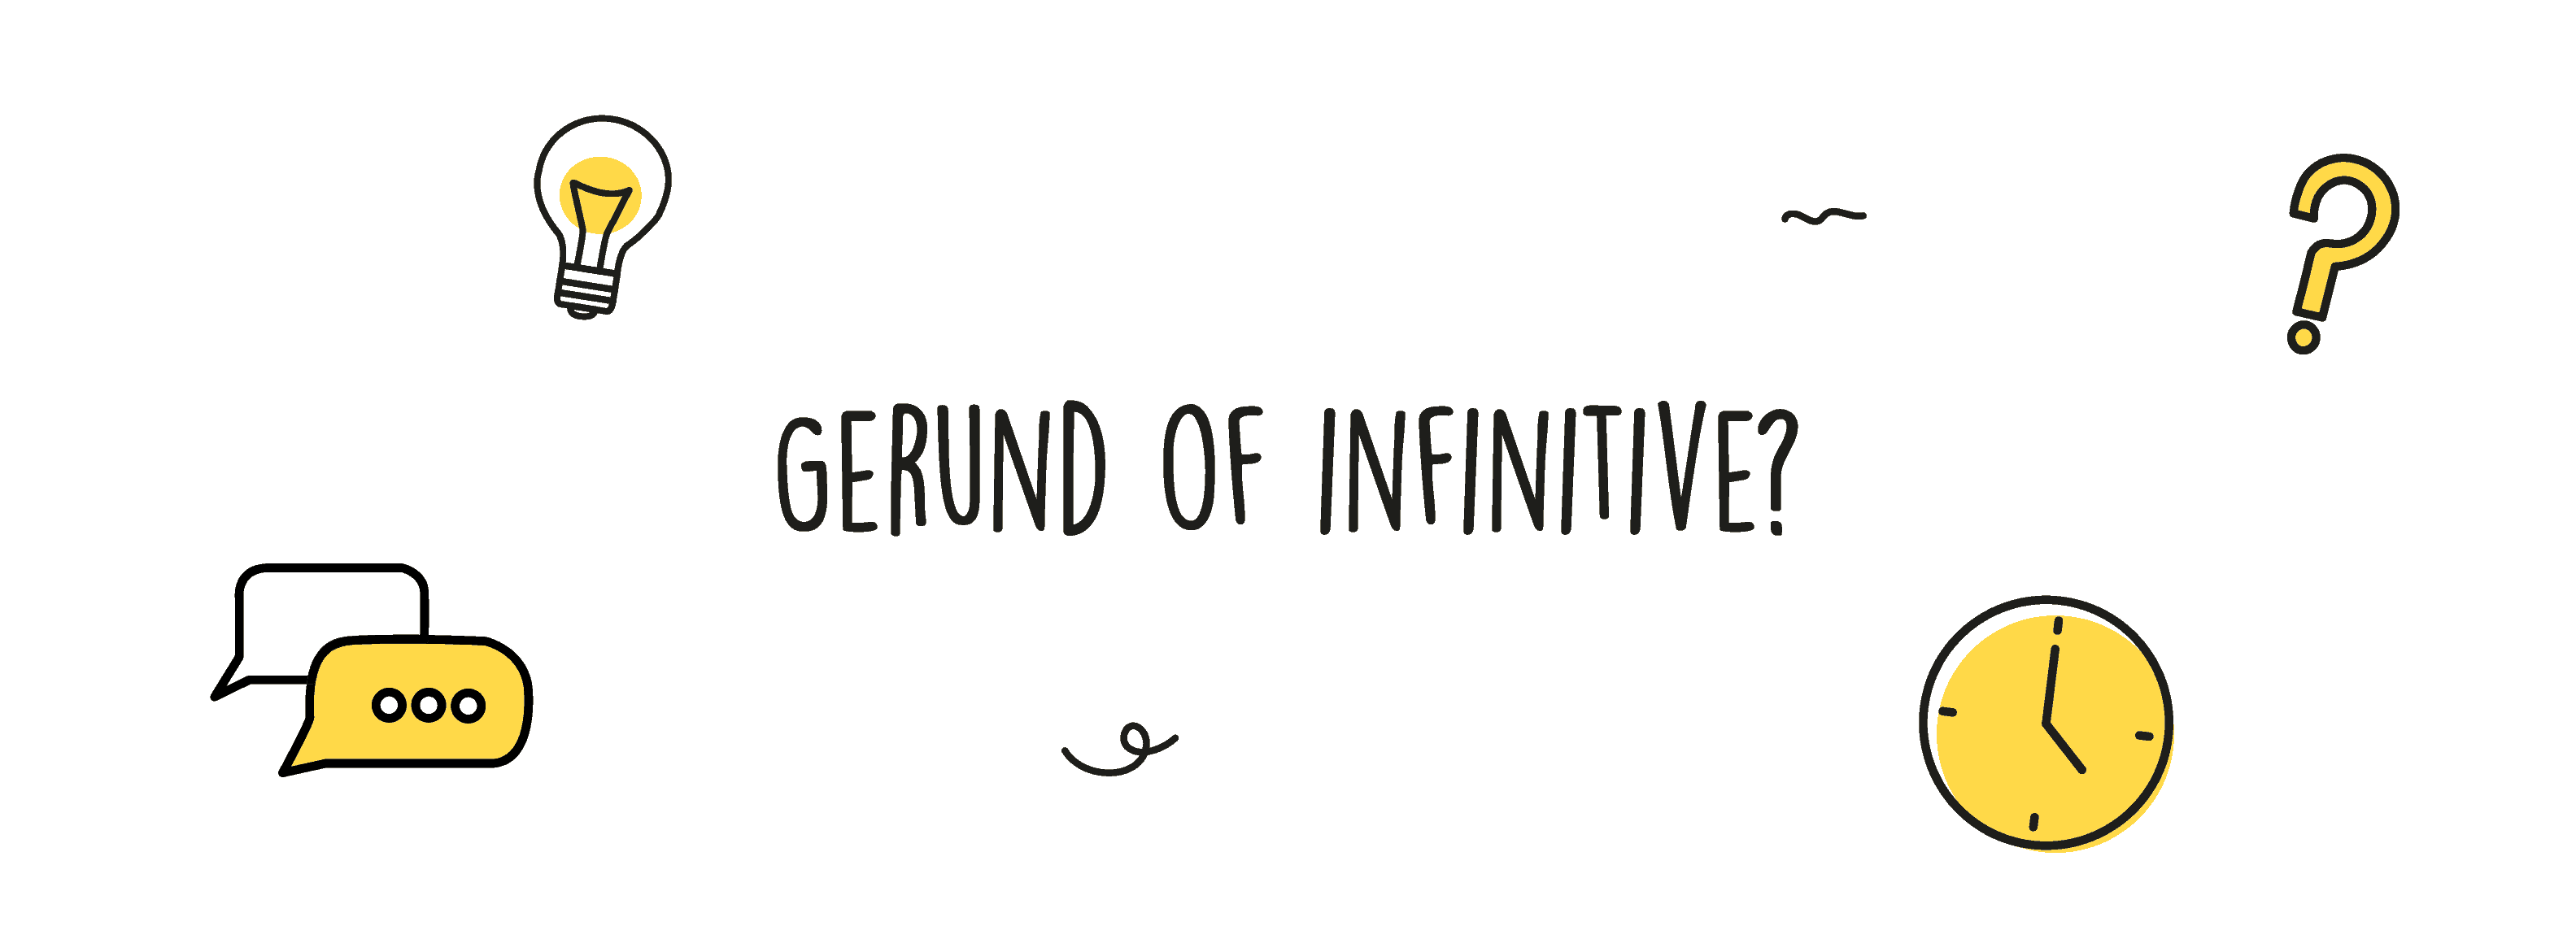 Gerund of infinitive